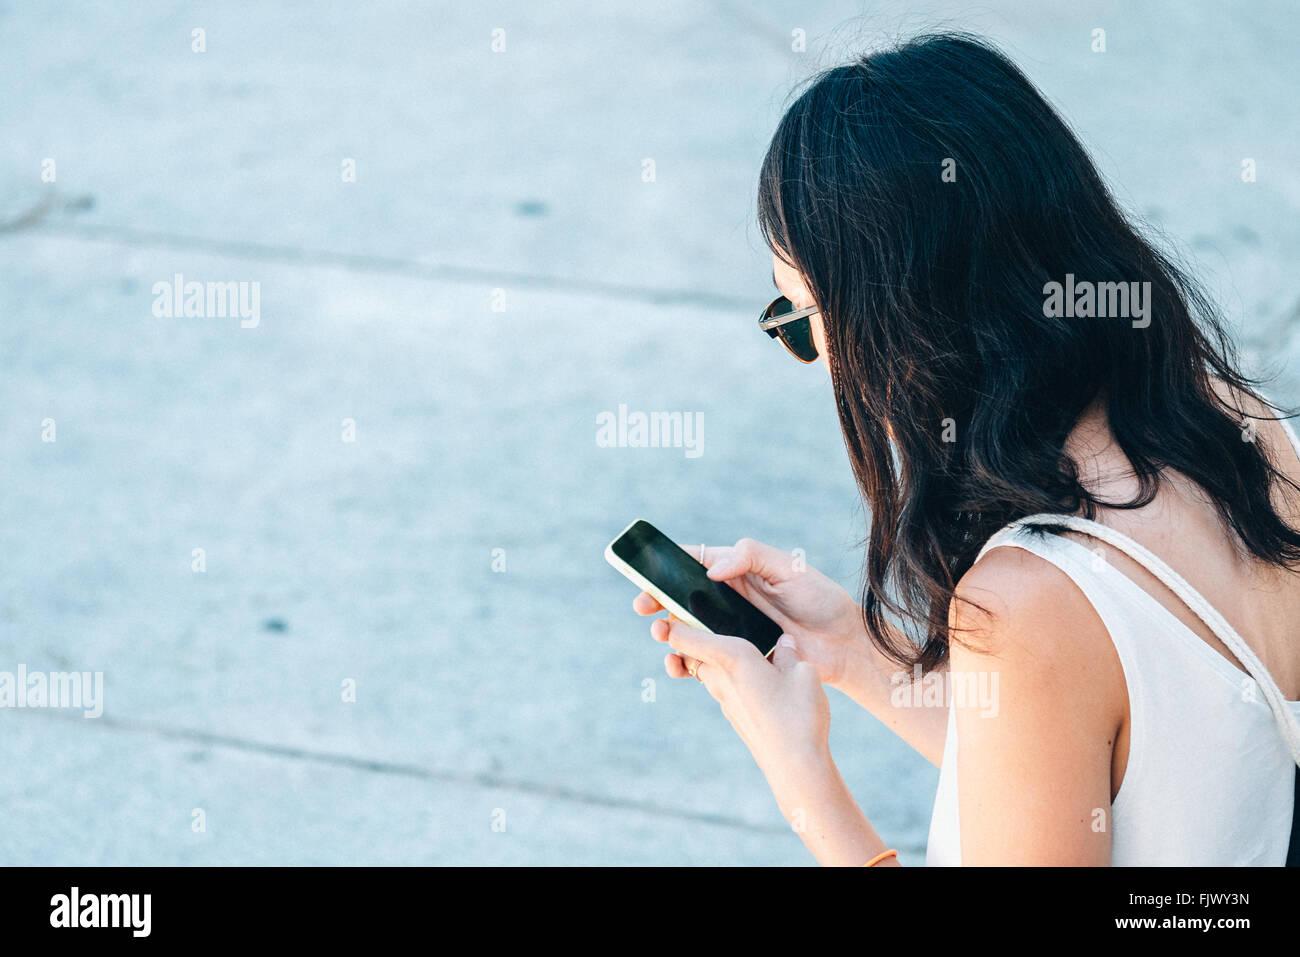 Vista lateral de la mujer utilizando Smart Phone en la calle Imagen De Stock